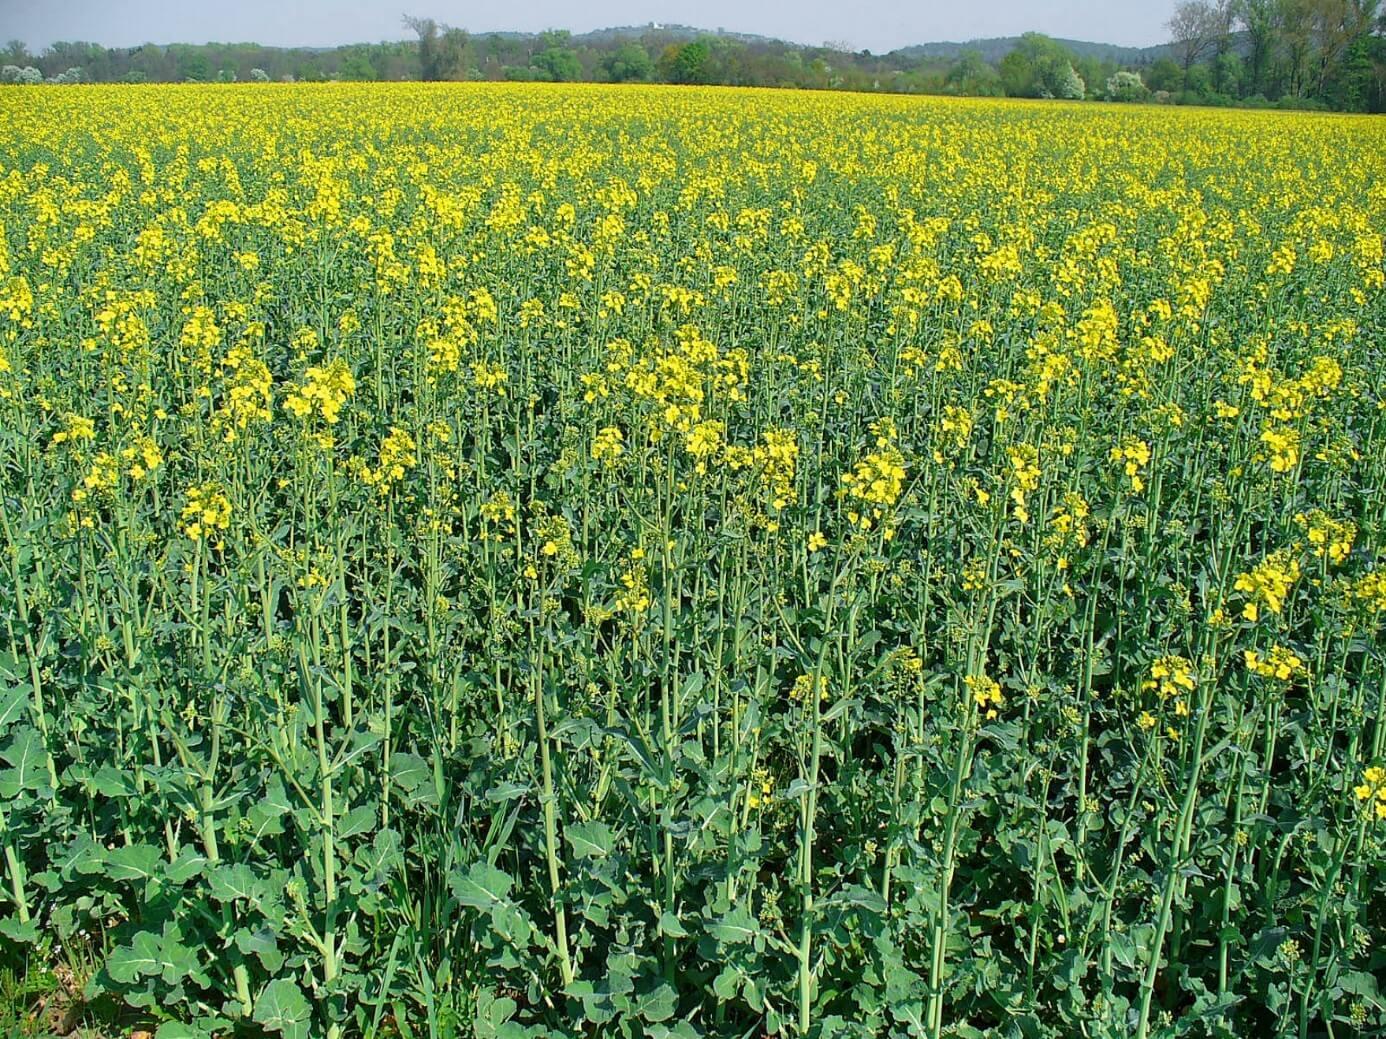 Bude se u nás na základě nové energetické koncepce vlády Andreje Babiše kromě masivního pěstování řepky pro biopaliva masivně pěstovat i kukuřice pro bioplynové elektrárny? (zdroj H. Zell, Wikimedia).